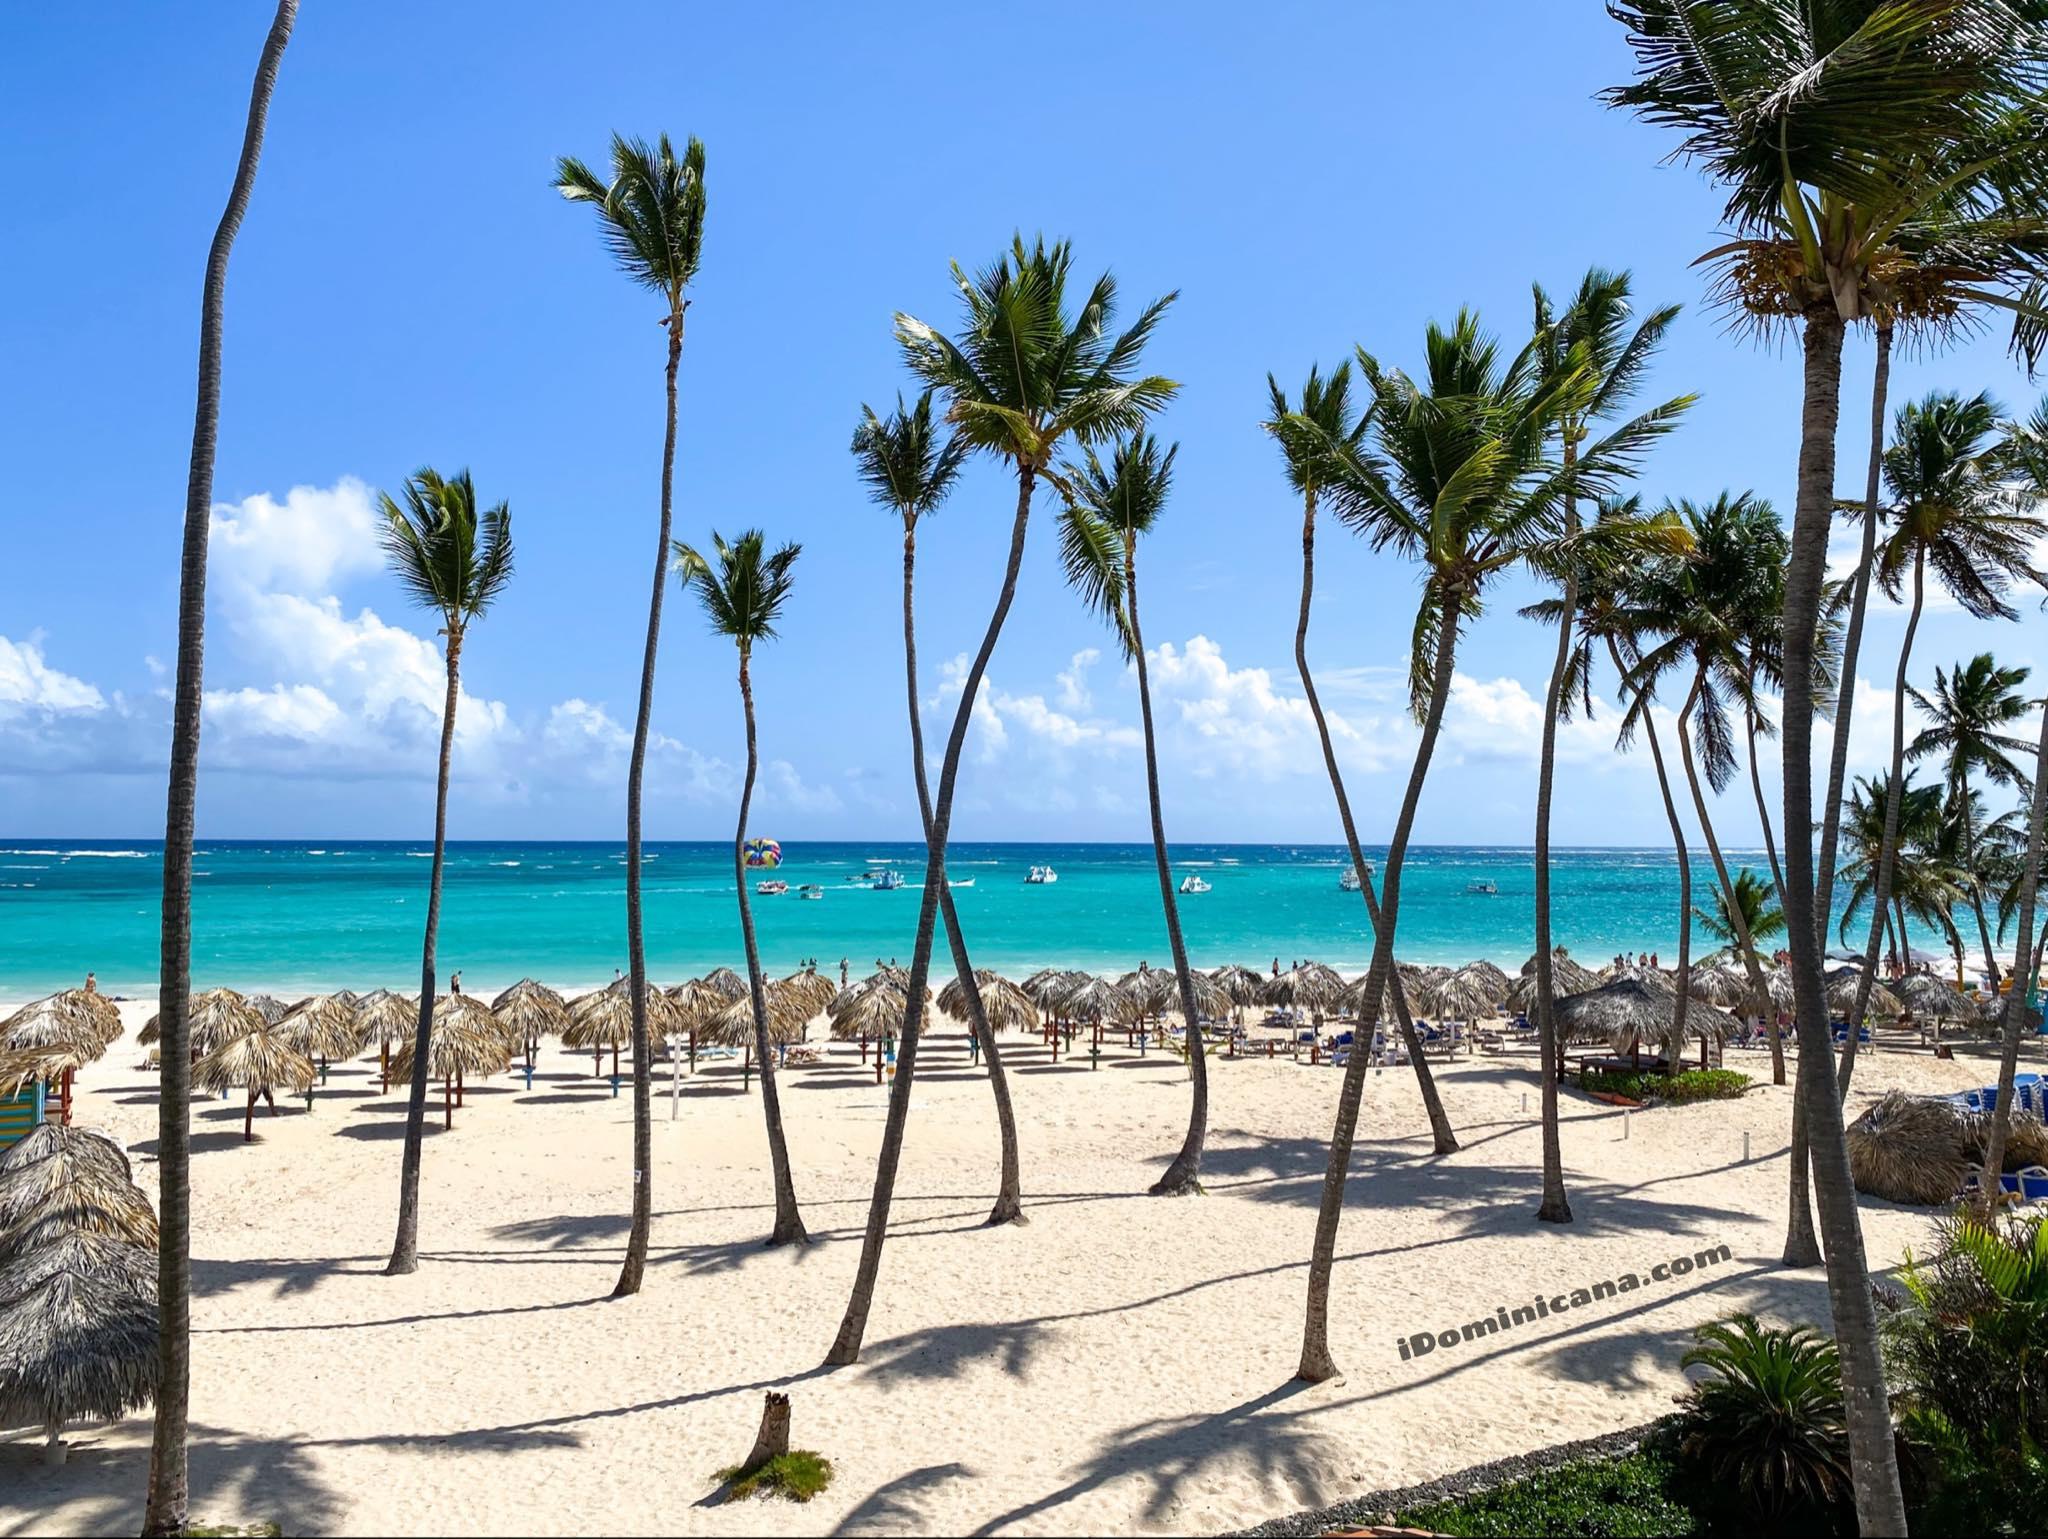 TripAdvisor внес пляж Баваро в Доминикане в ТОП-25 лучших пляжей мира